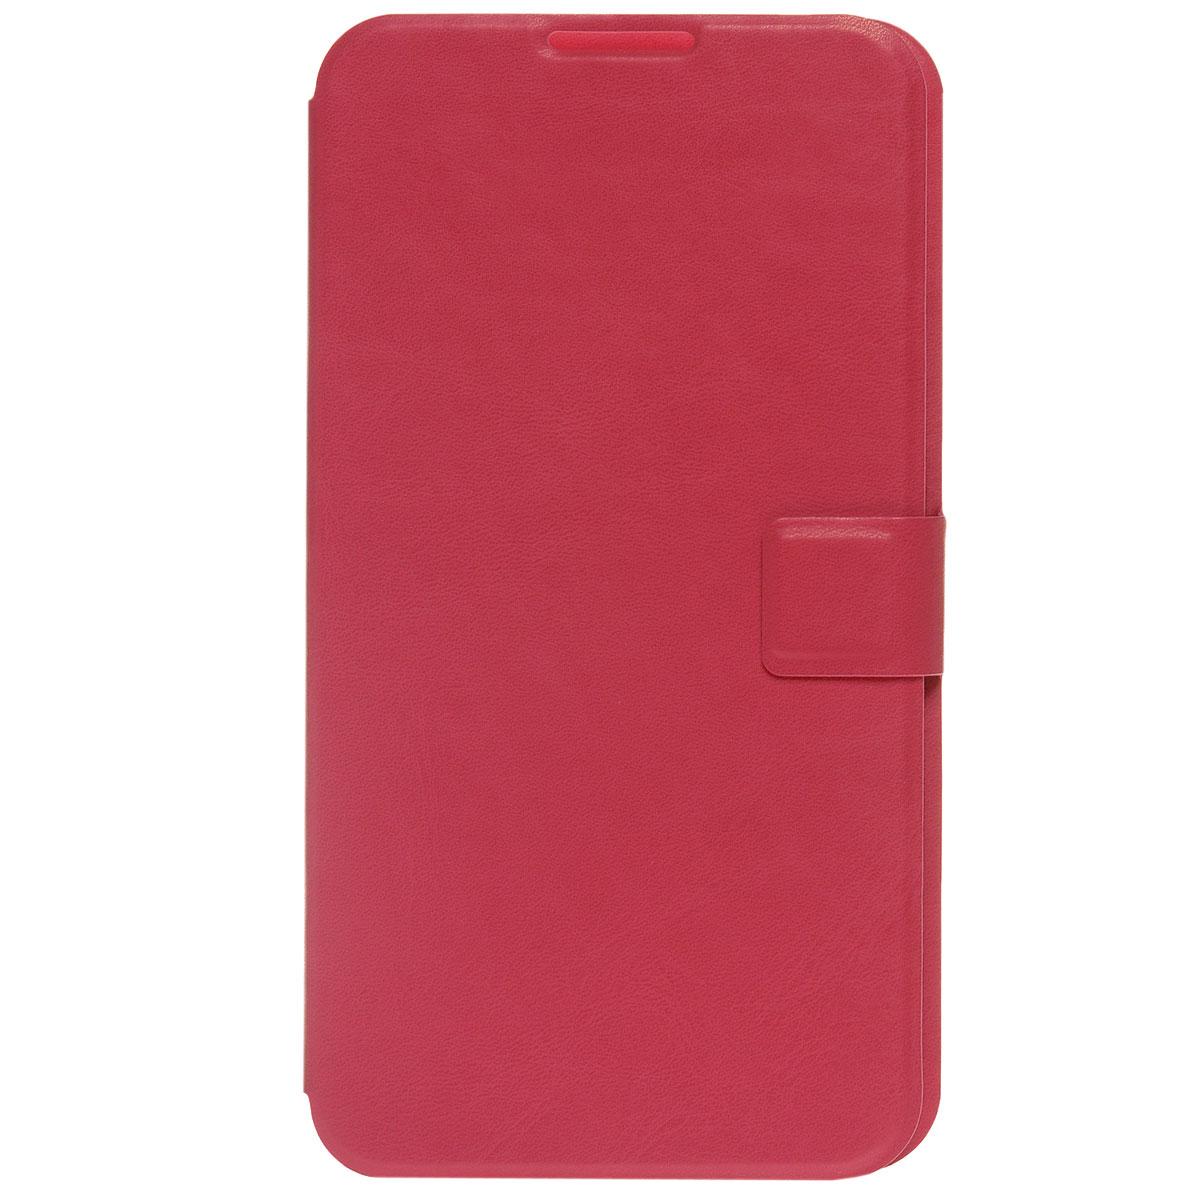 Ecostyle Shell универсальный чехол для телефонов с экраном 3.5-4.2, RedESH-B-UNI35-REDEcostyle Shell - универсальный чехол-книжка, который надежно защитит ваш телефон от механических повреждений, грязи и пыли. Конструкция чехла обеспечивает свободный доступ к разъемам, камере и основным функциям смартфона. Мягкая внутренняя поверхность защищает экран устройства от царапин.